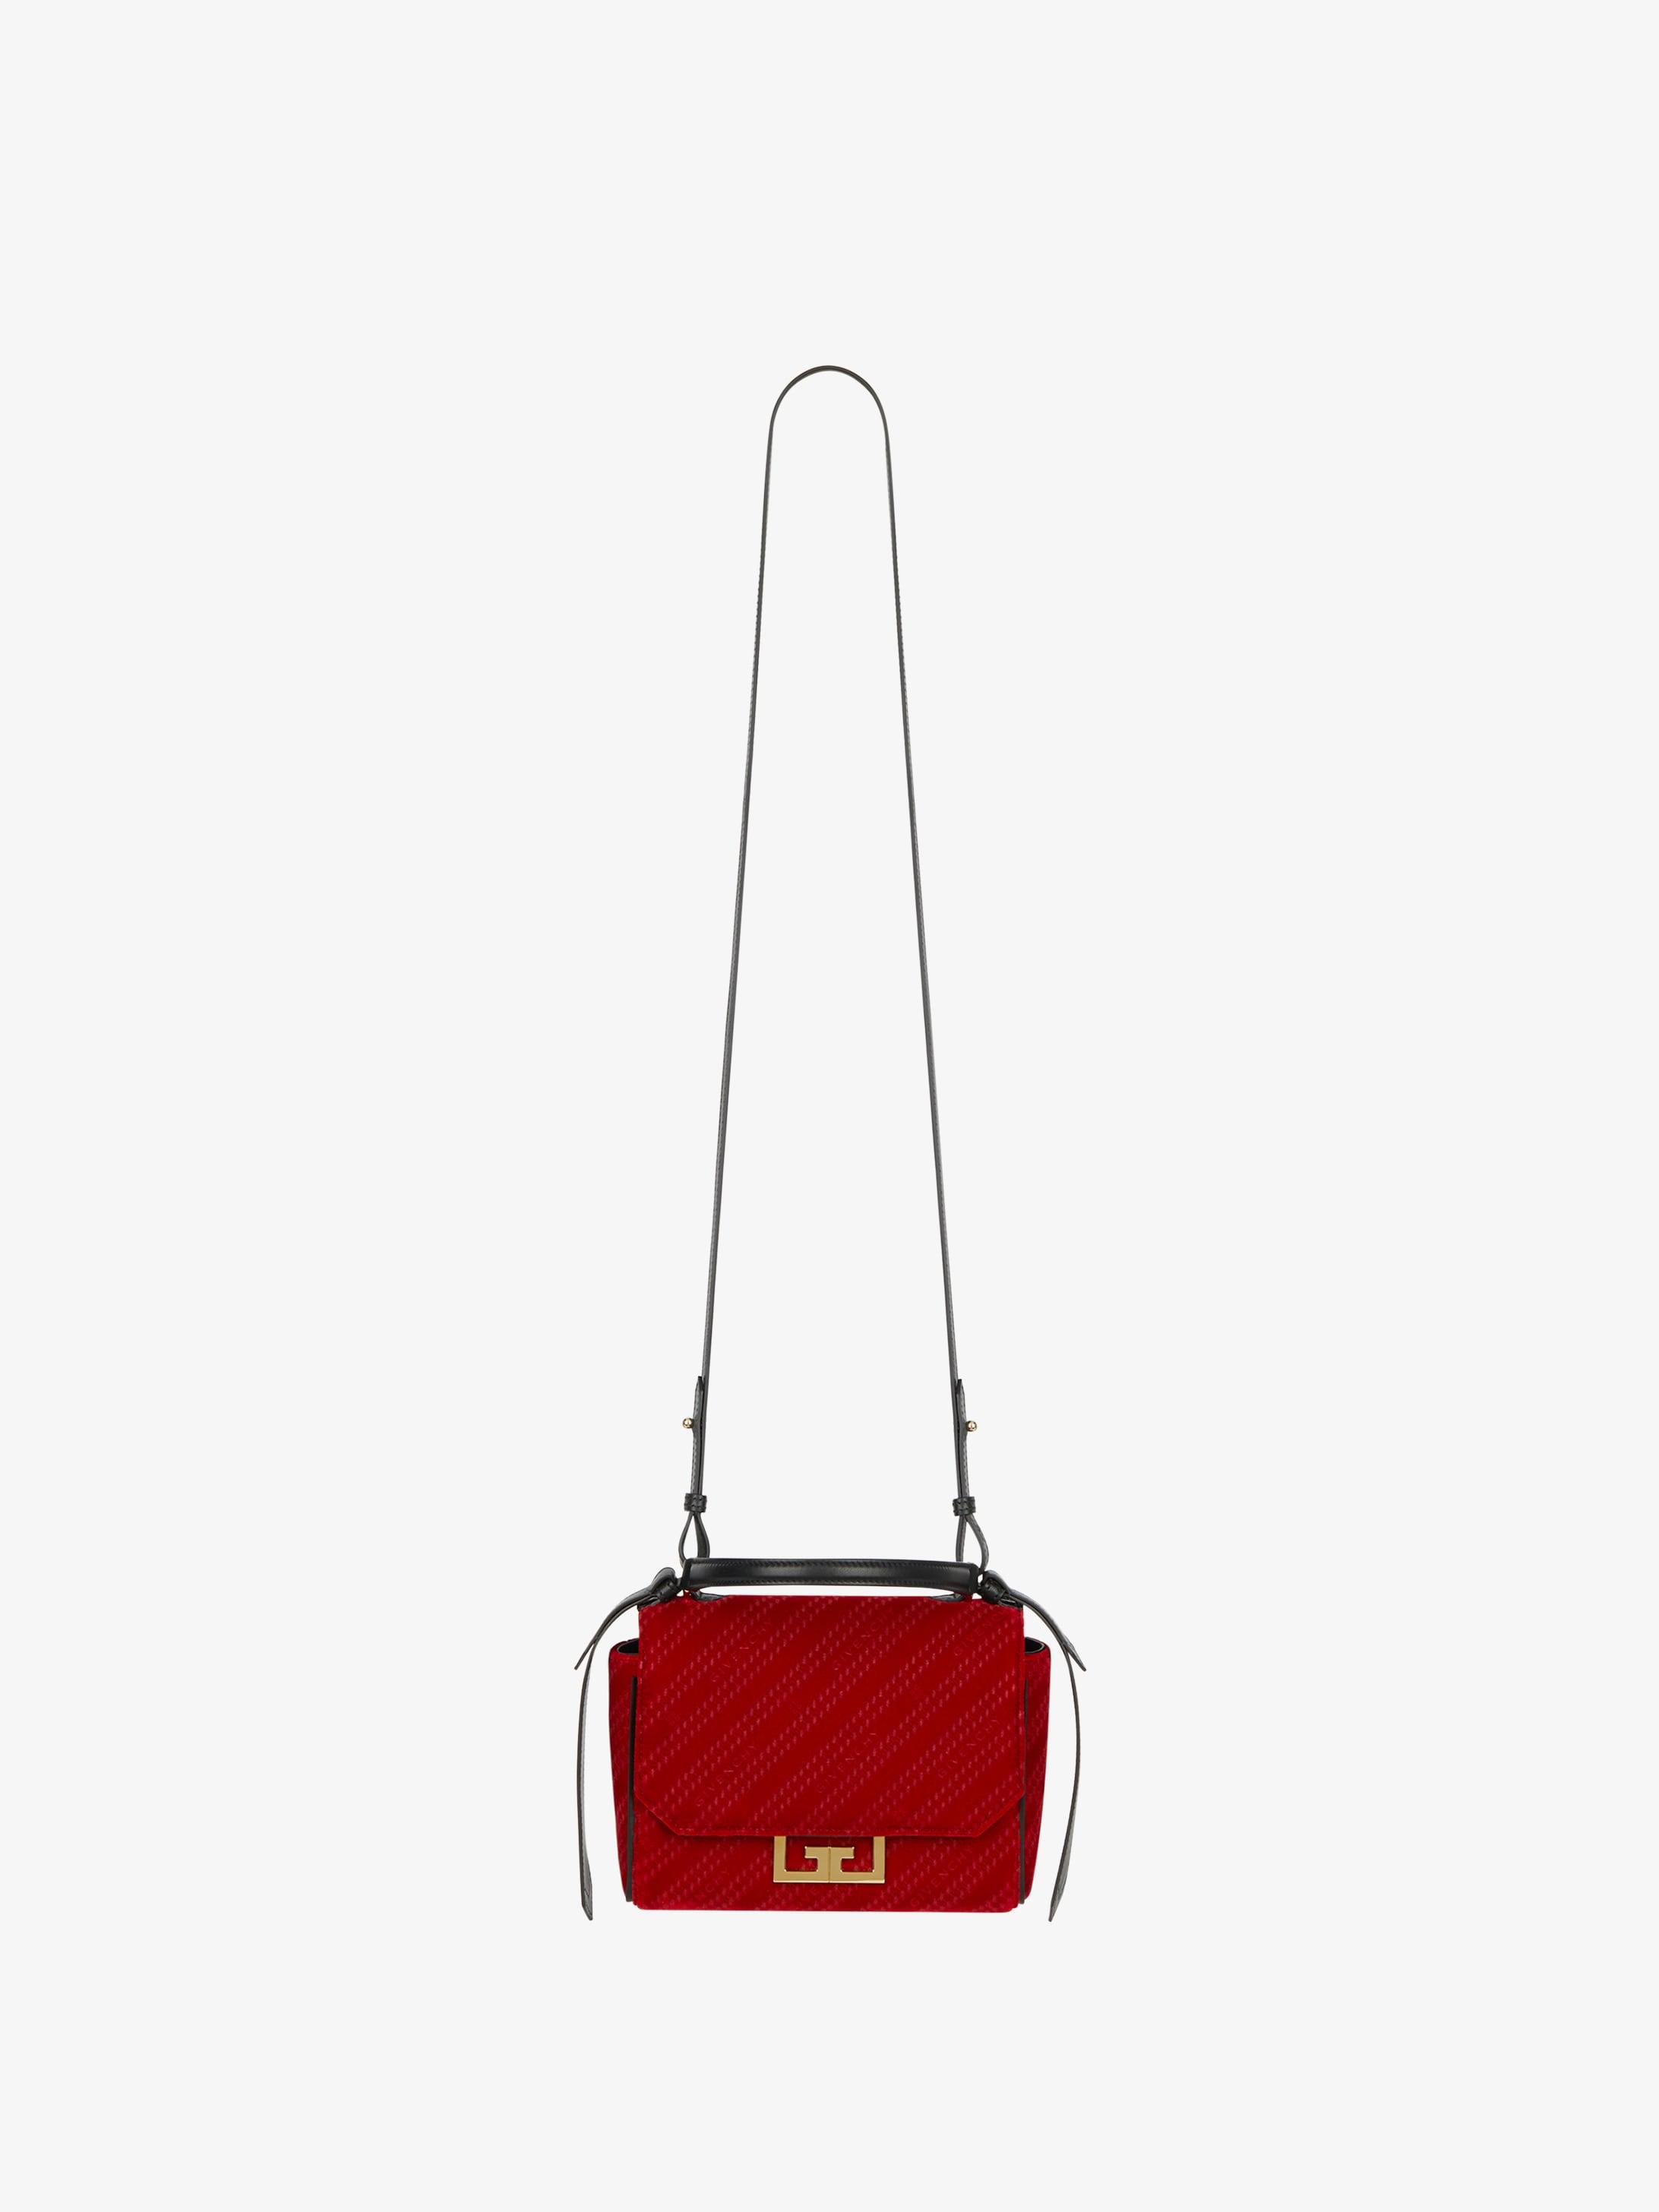 GIVENCHY chain mini Eden bag in velvet